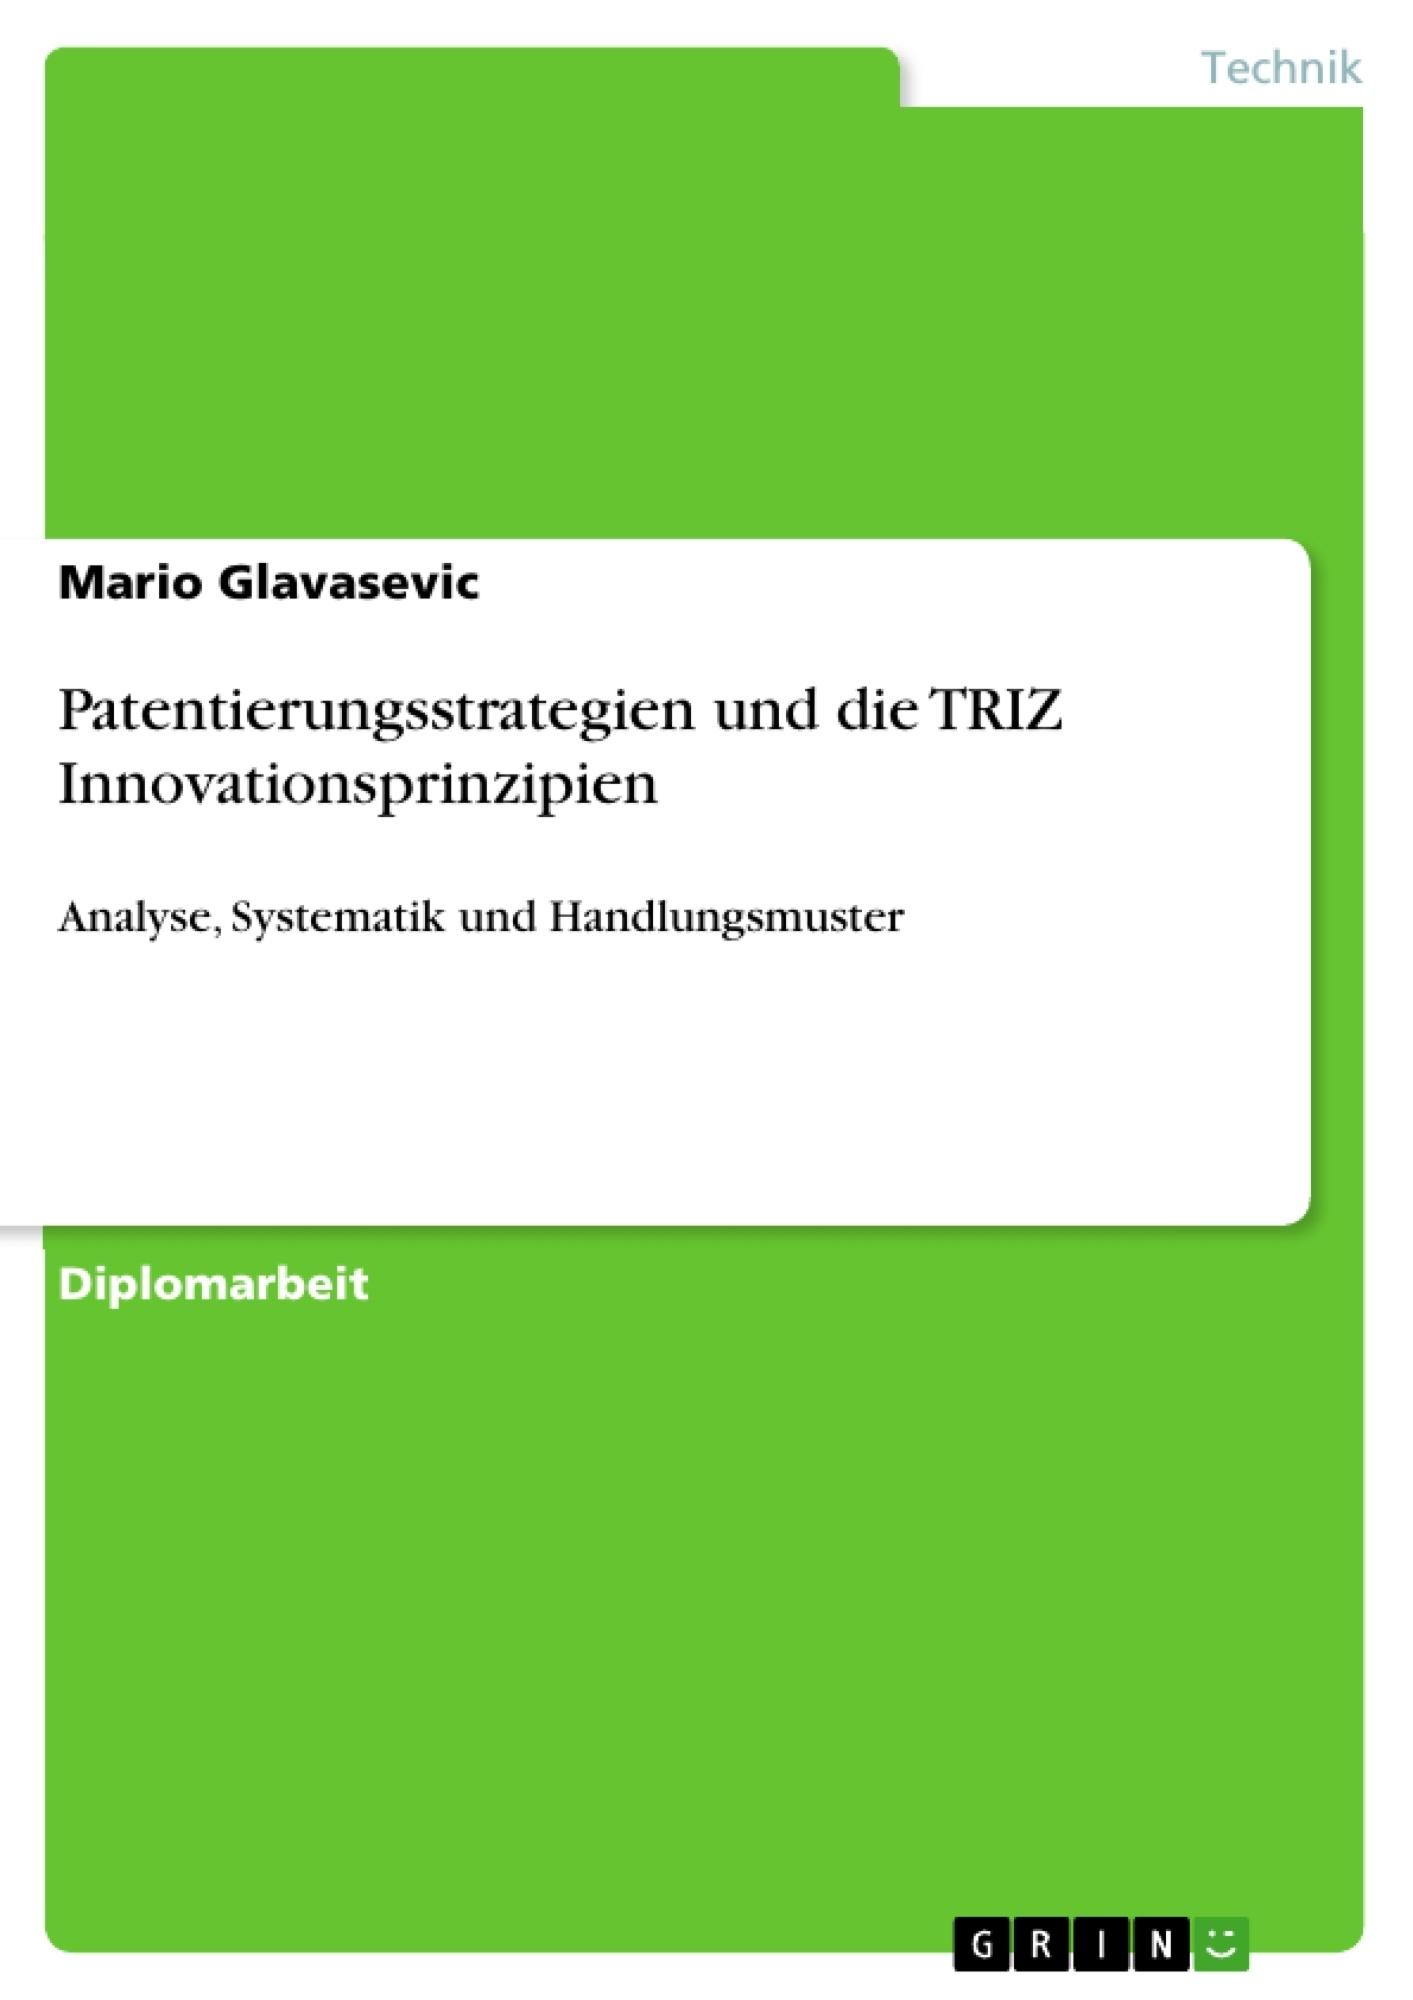 Titel: Patentierungsstrategien und die TRIZ Innovationsprinzipien